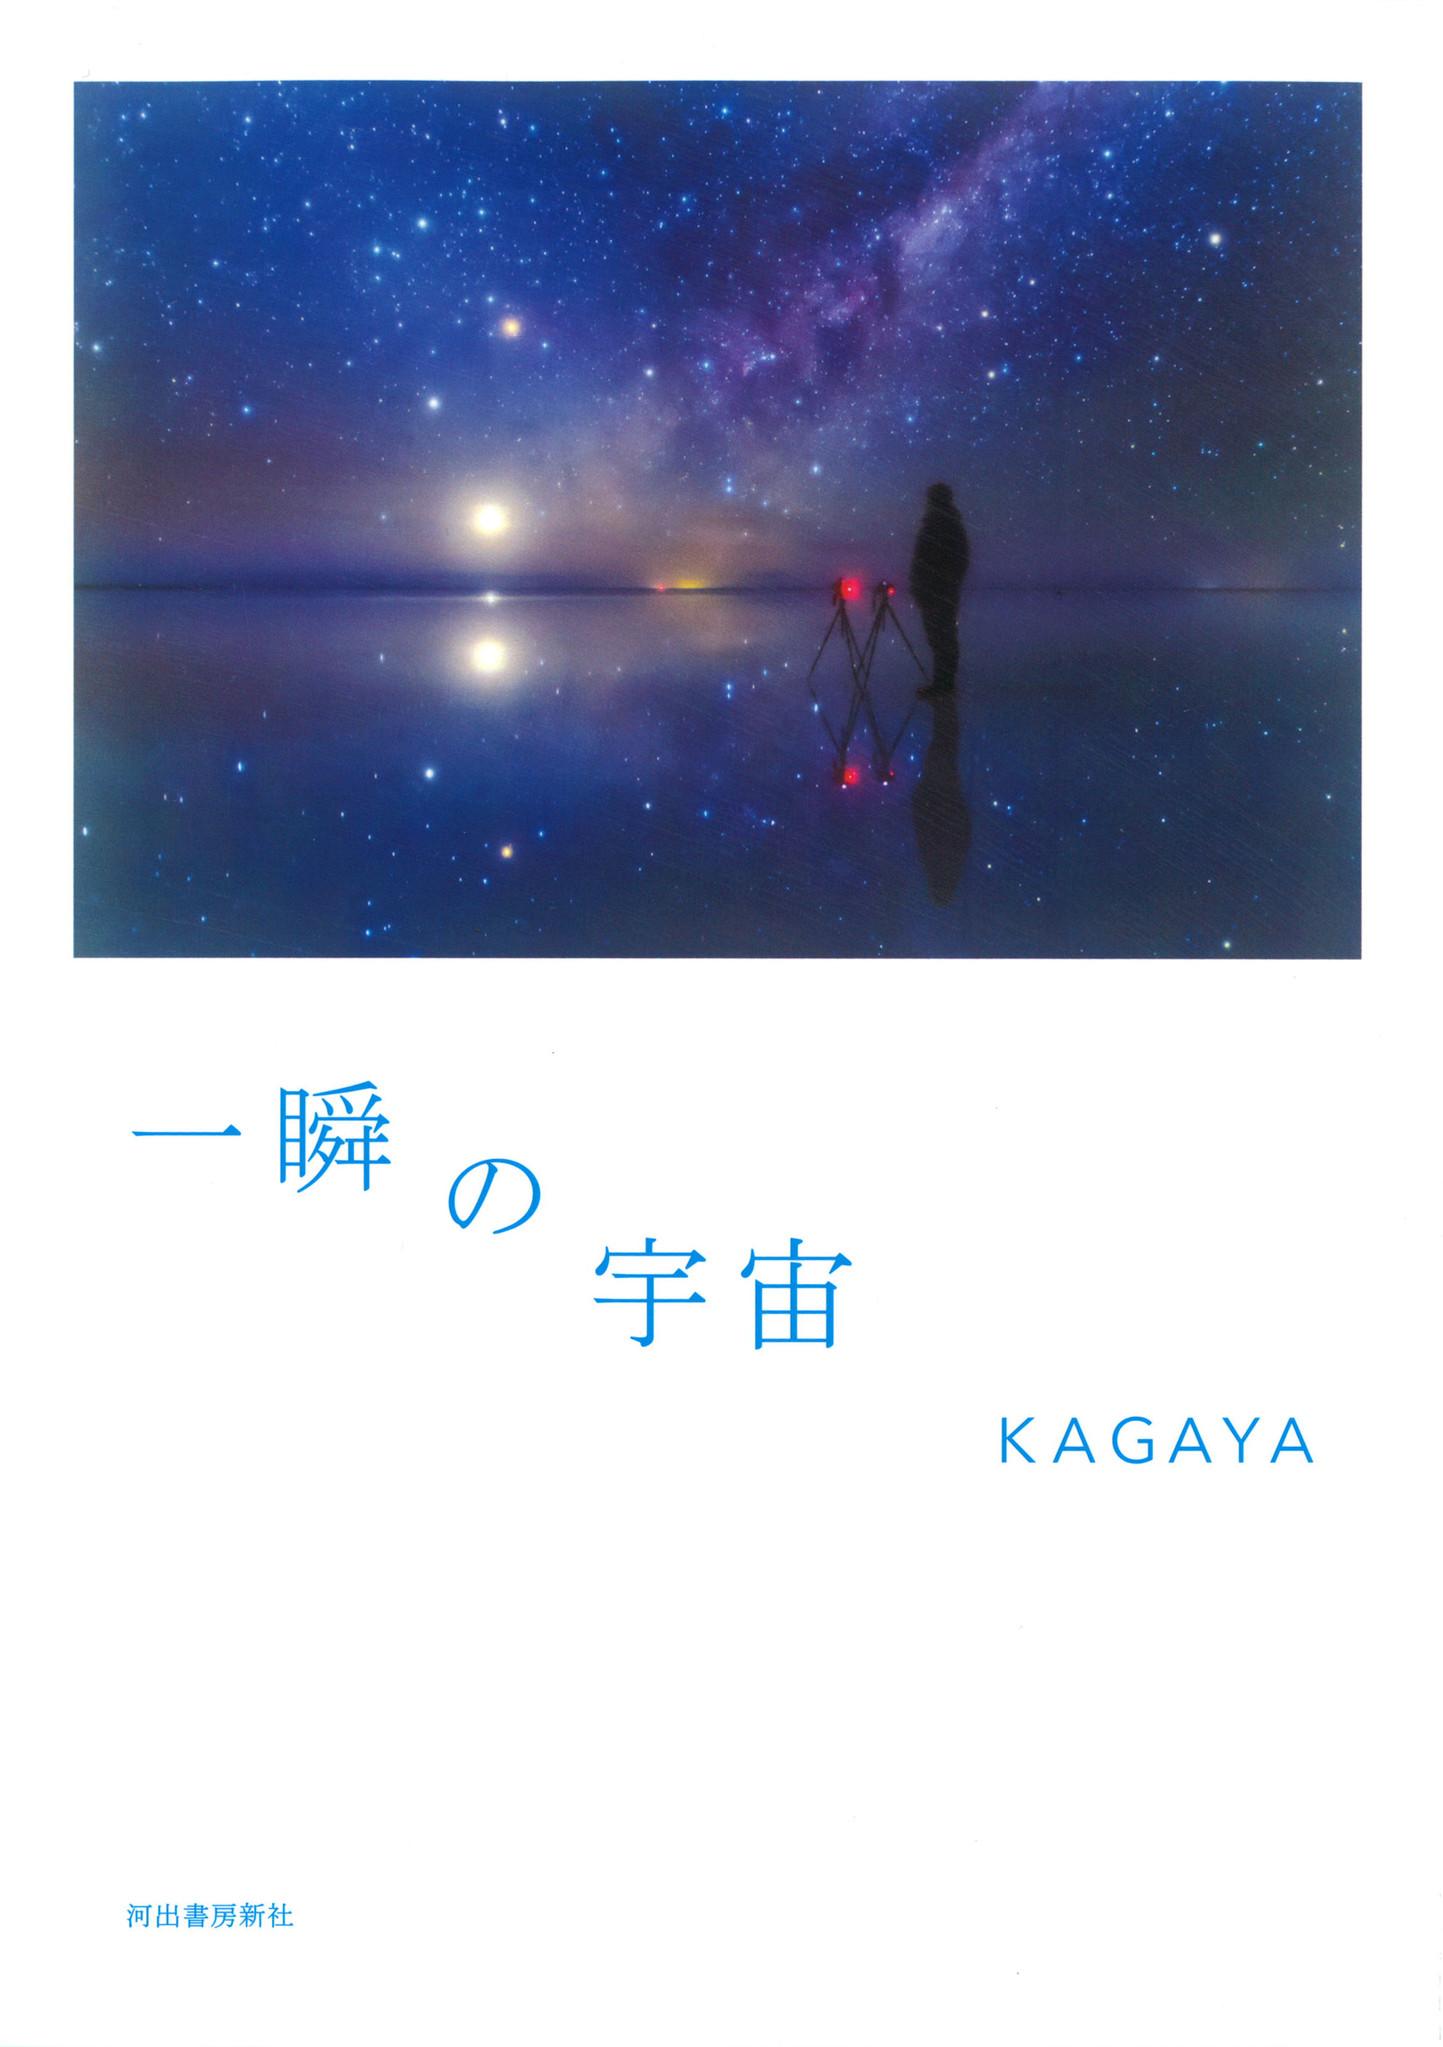 星空写真家KAGAYA 初のフォト&エッセイ『一瞬の宇宙』6月20日 ...